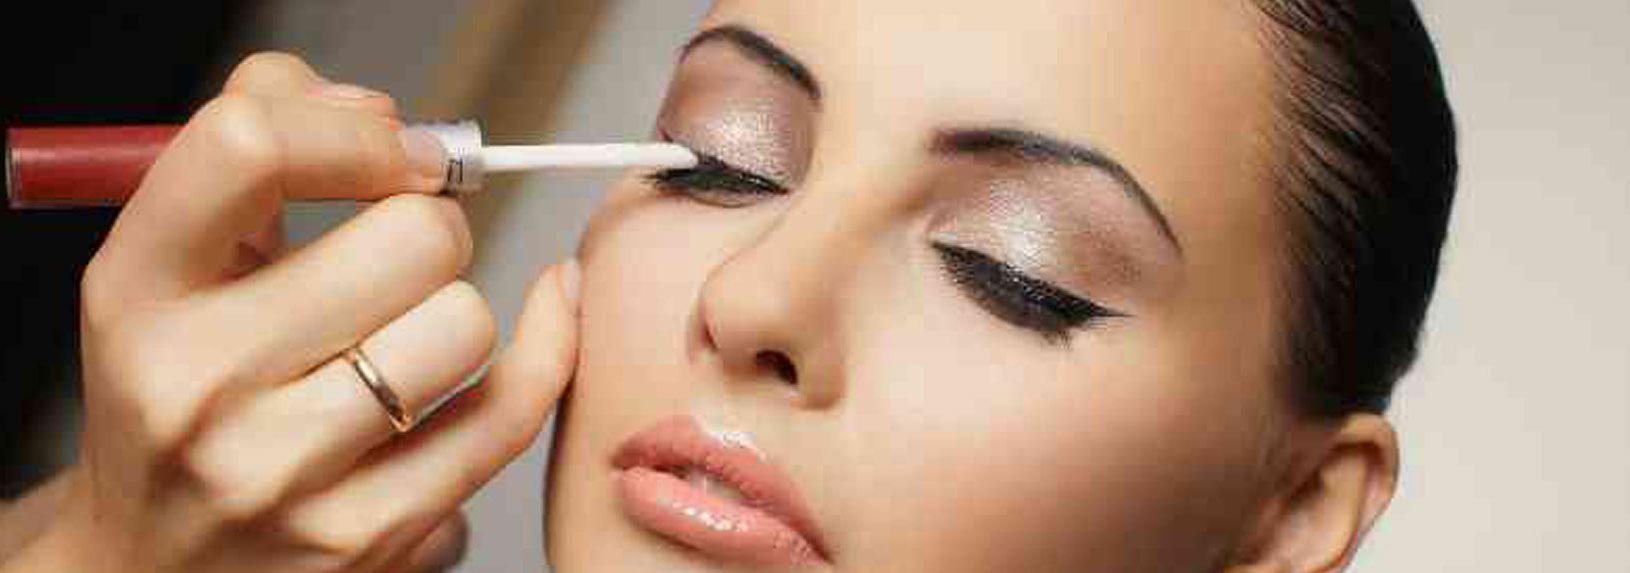 makeup and hair salon Boca